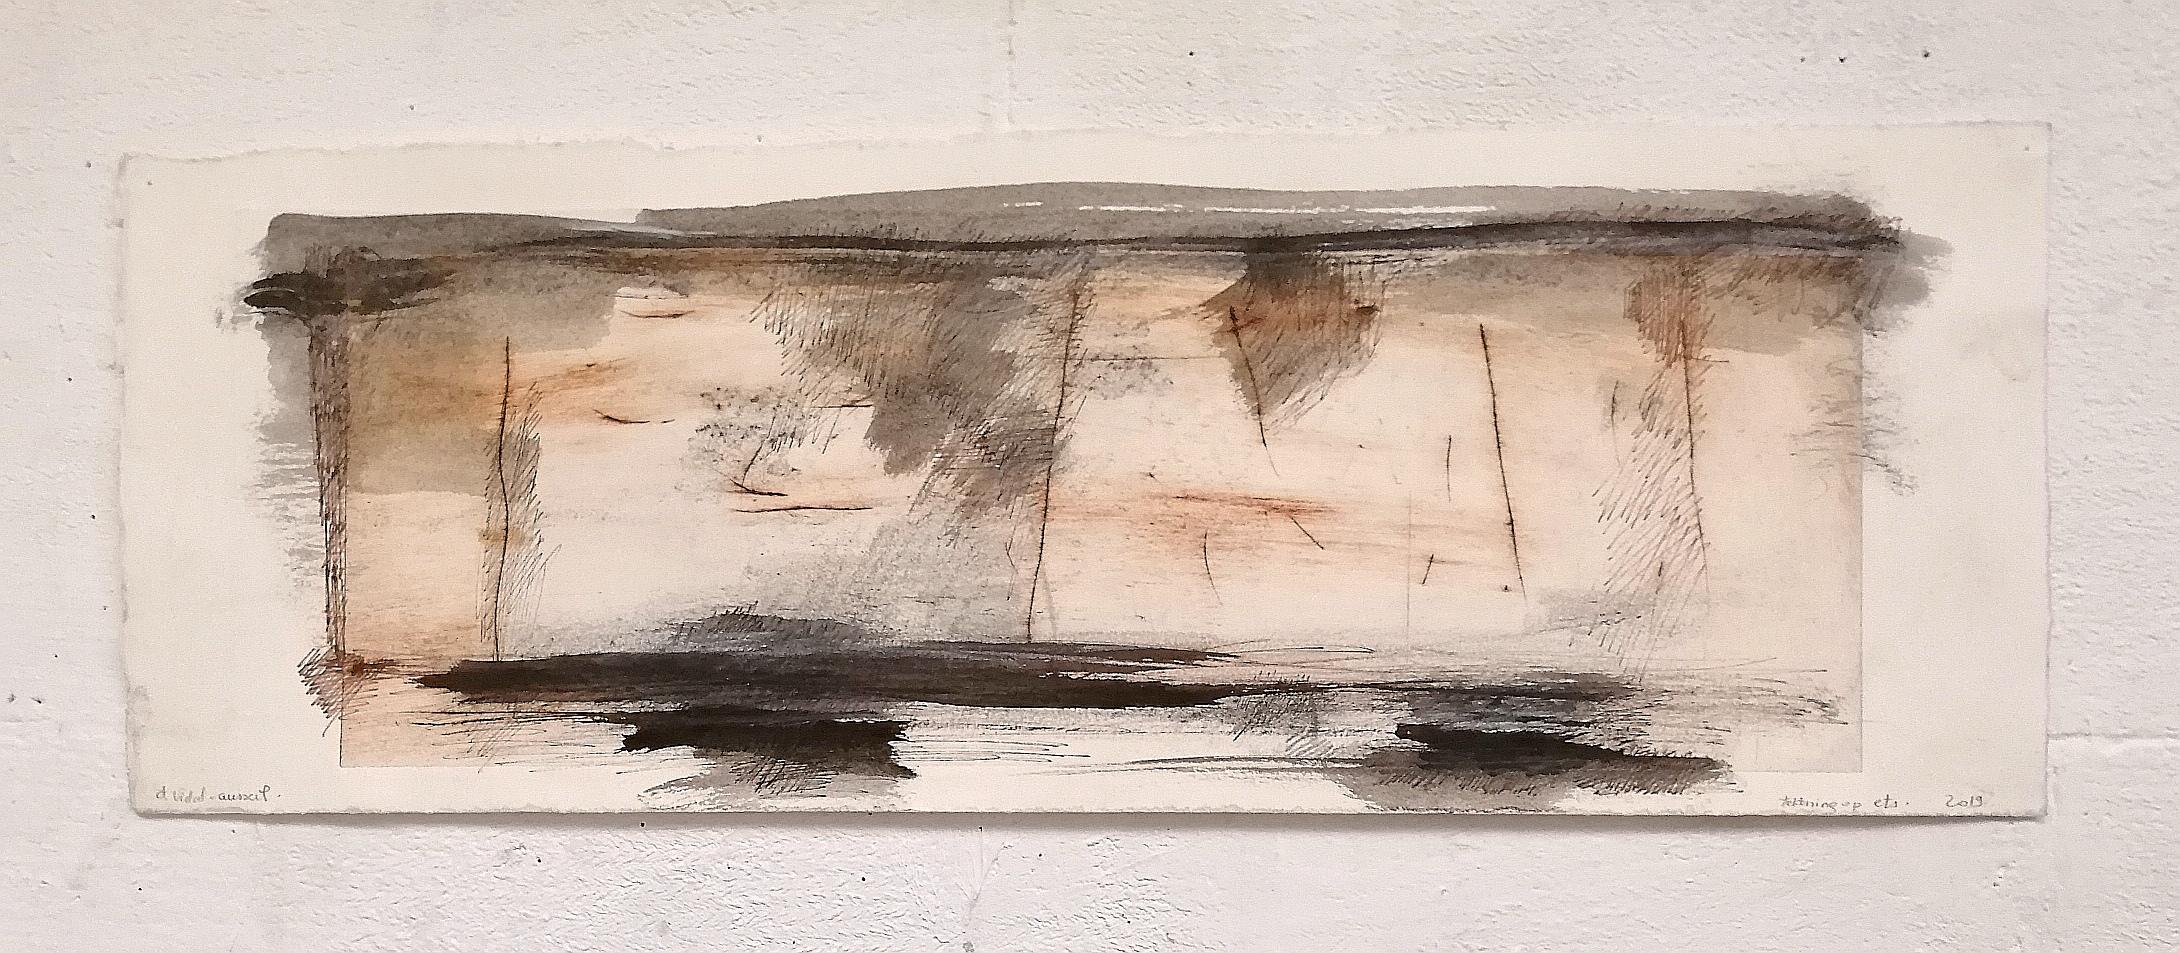 Danielle-Vidal-Ausseil-artiste-serie-cipres-tekening-op-ets-20x40cm-2019